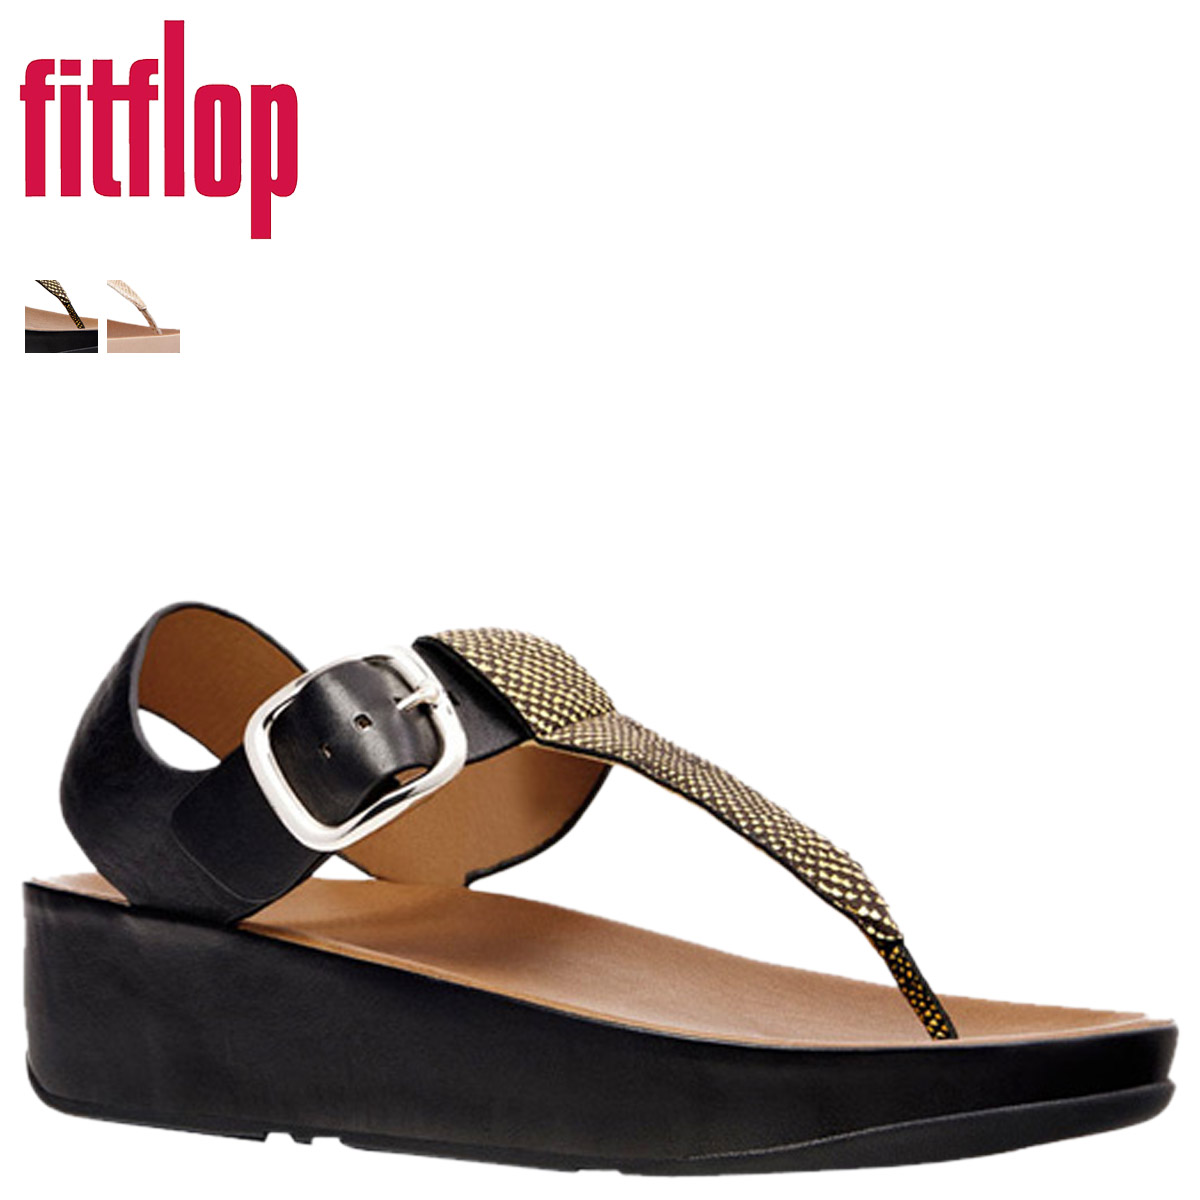 200956fc6a1 Sugar Online Shop  Fit flops FitFlop women s TIA TIA Sandals 2 color ...